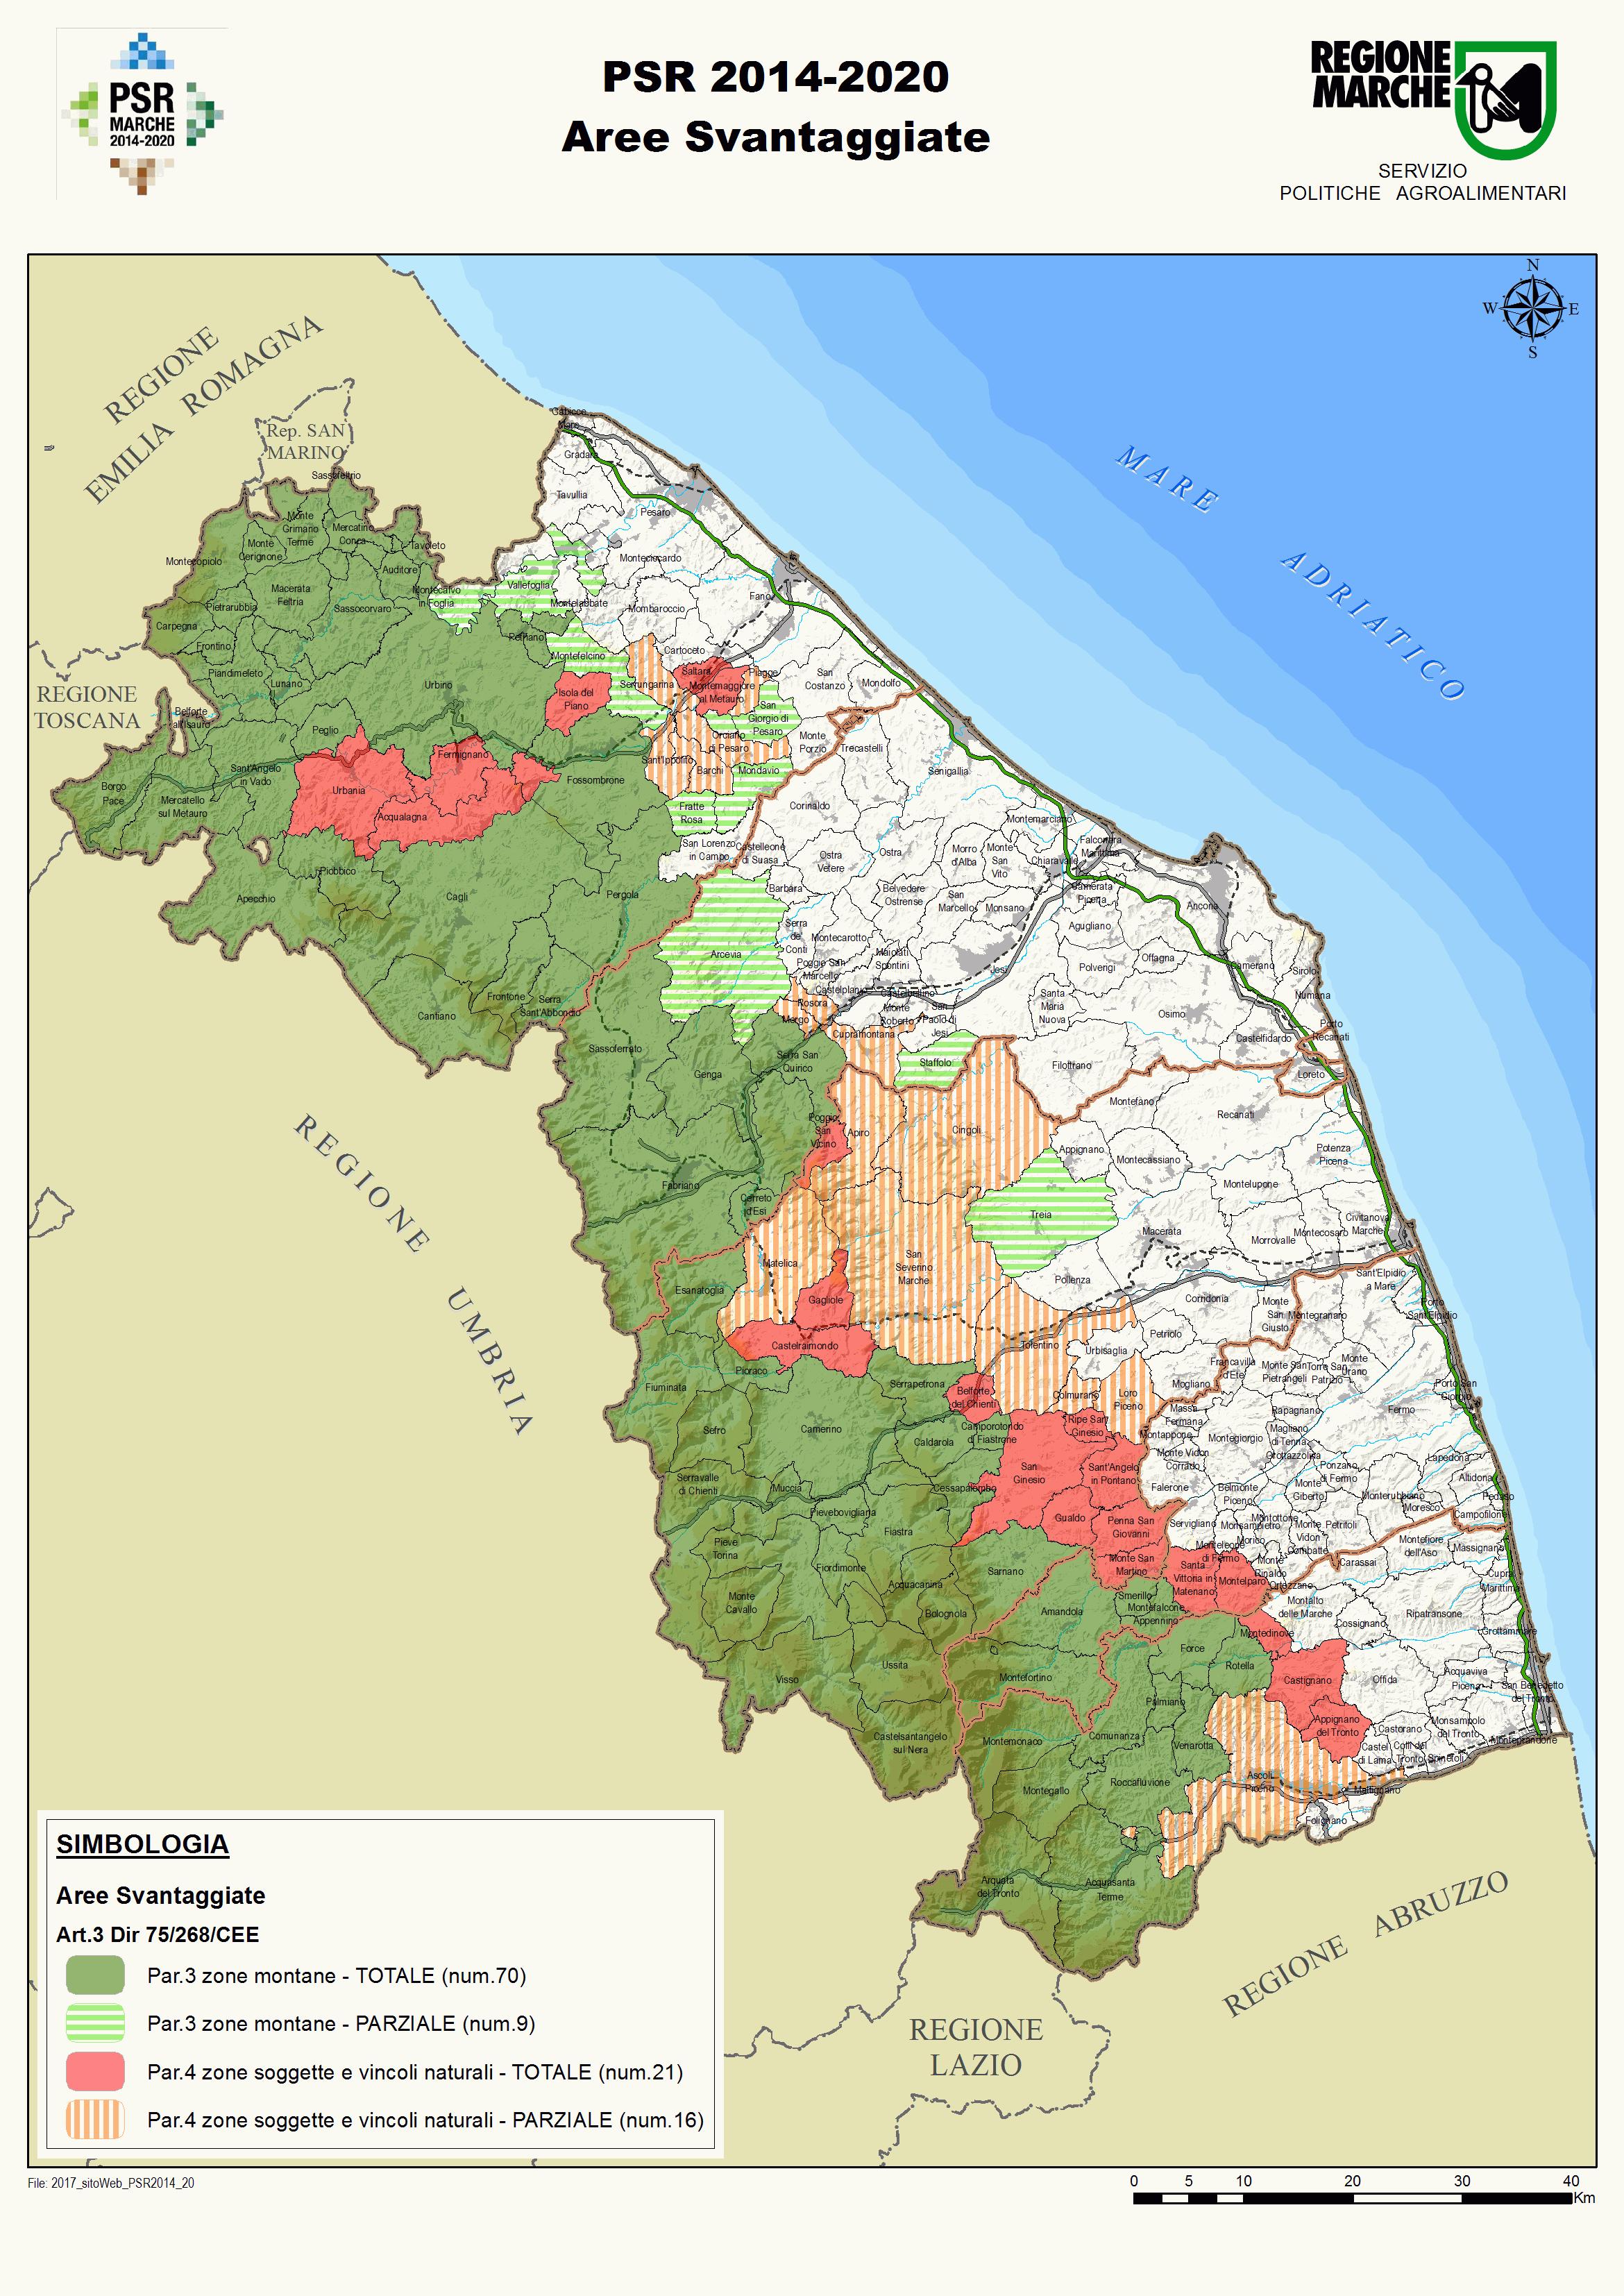 cartina delle aree svantaggiate della regione Marche